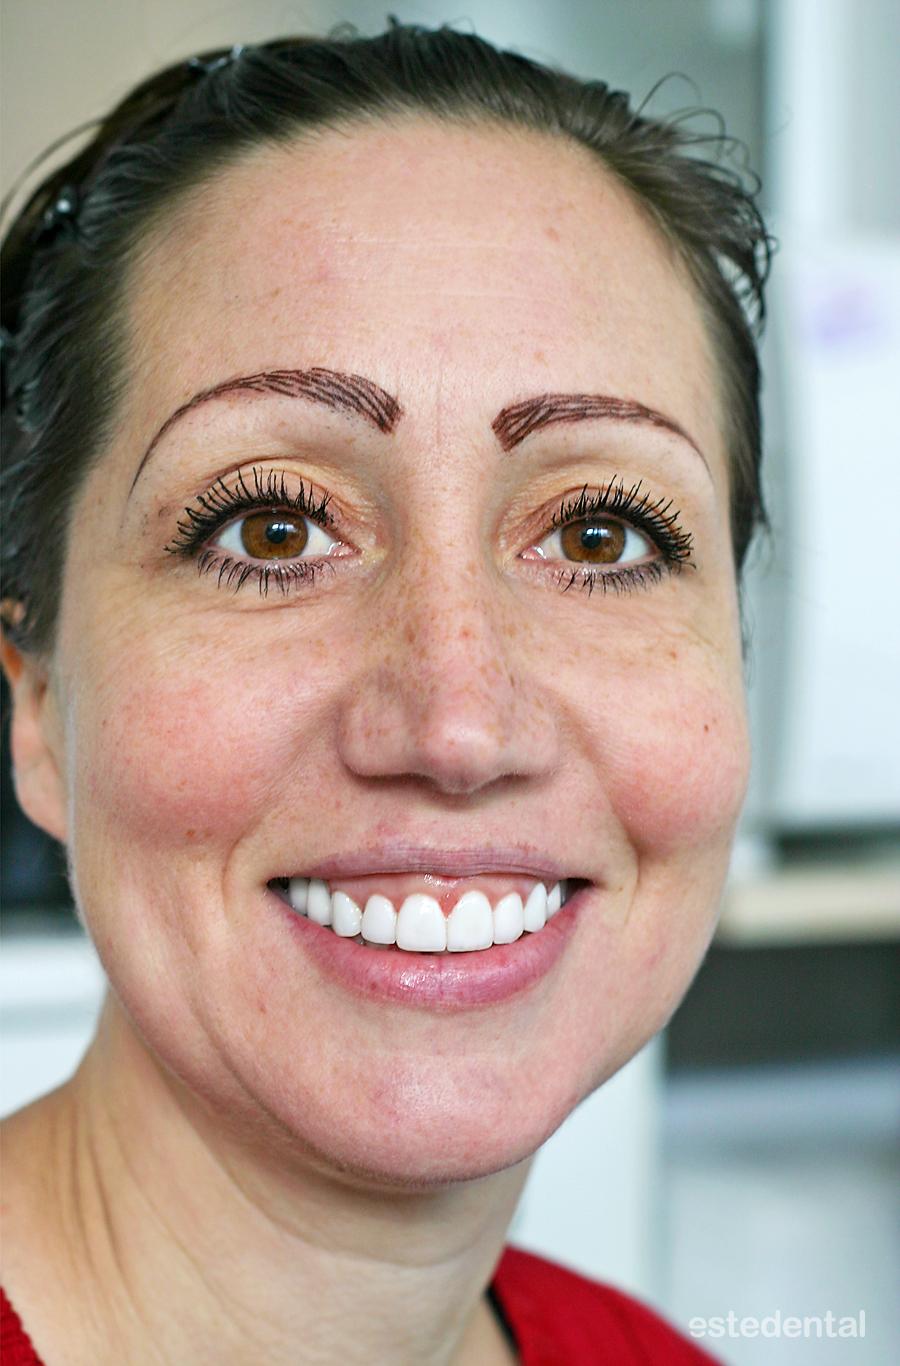 Пълна промяна на усмивката с гингивопластика и порцеланови фасети (холивудска усмивка)- краен резултат